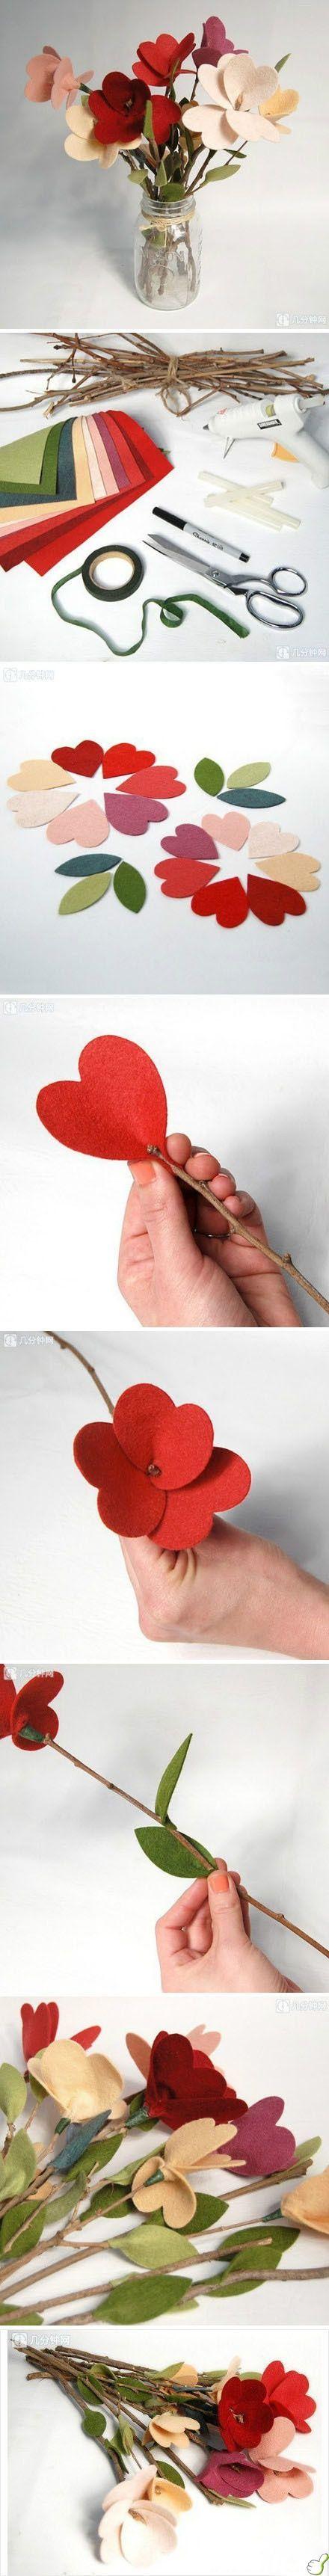 Tutorial para aprender a hacer un ramo de flores de fieltro con ramas de árboles                                                                                                                                                     Más